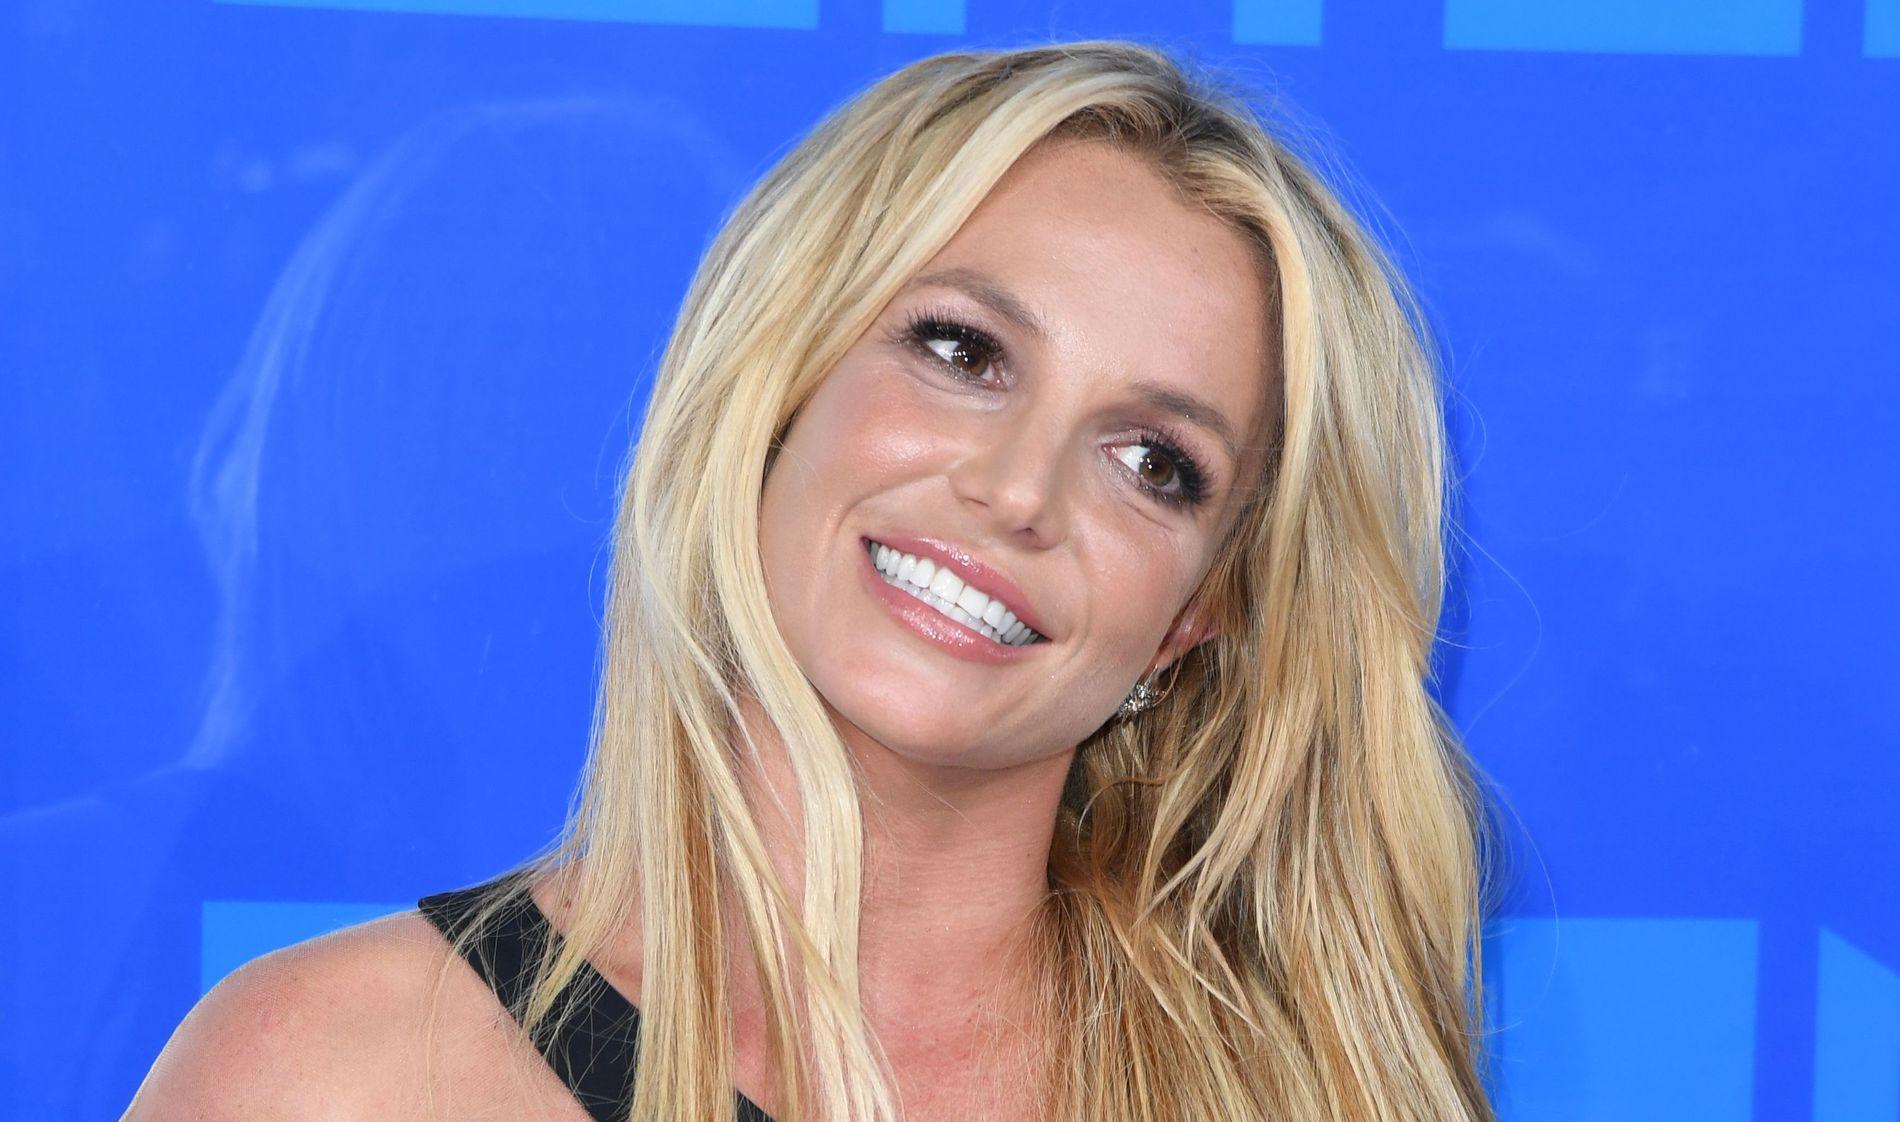 NY KJÆRESTE : Artist Britney Spears åpner opp om sin nye utkårede.